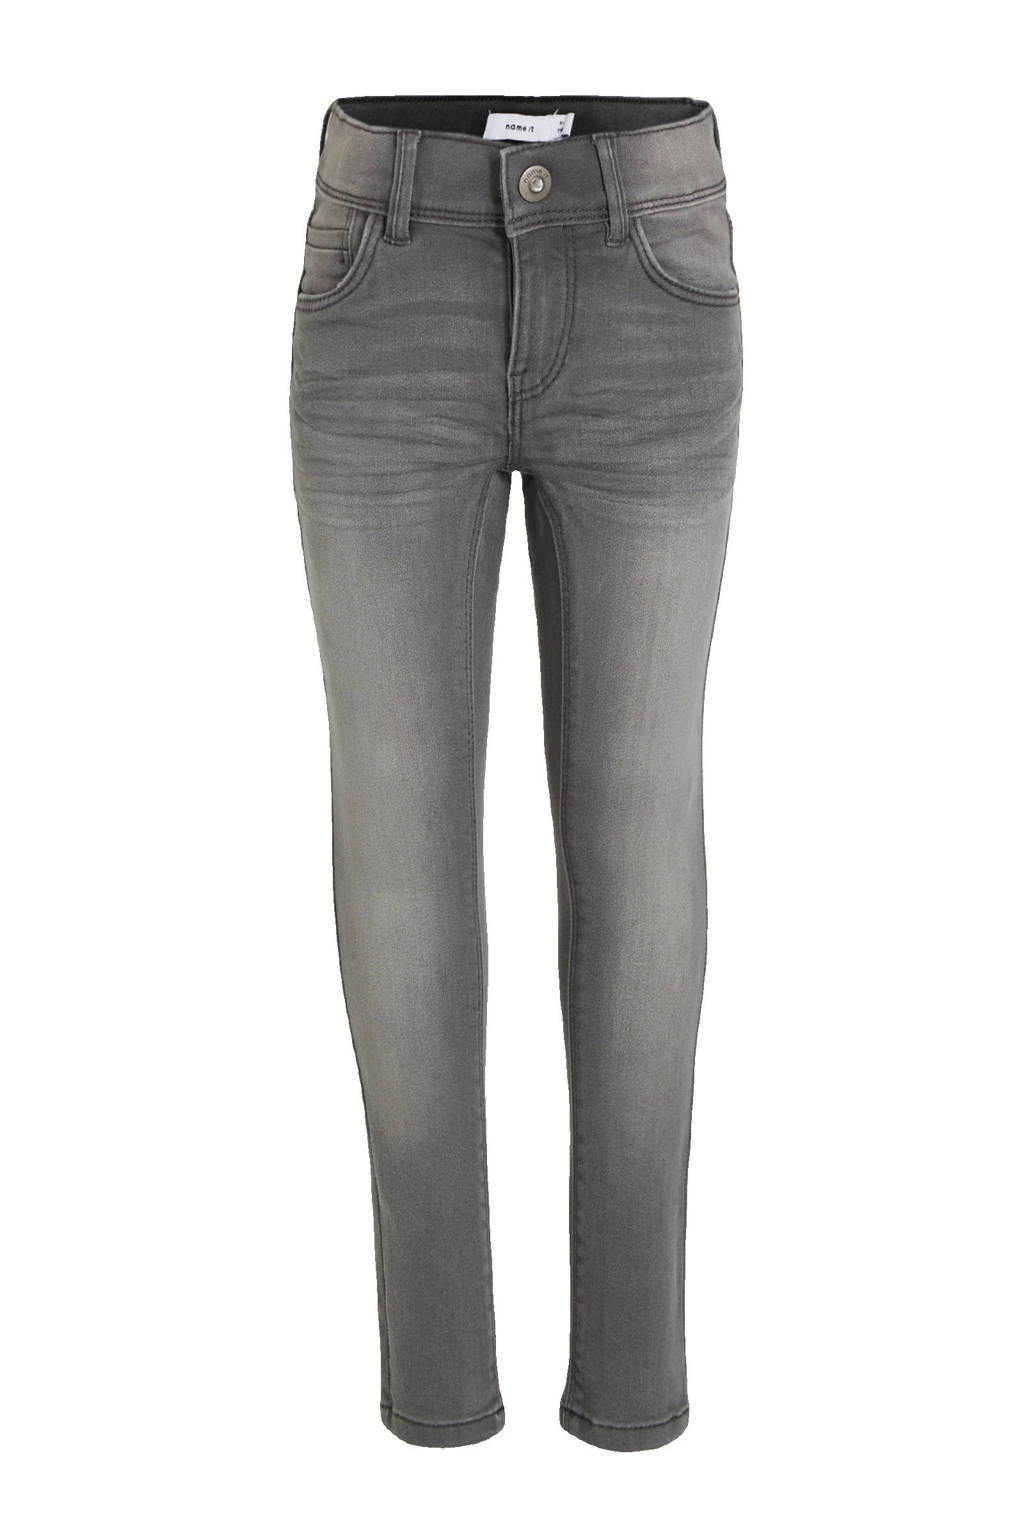 NAME IT KIDS skinny jeans NKFPOLLY grijs stonewashed, Grijs stonewashed